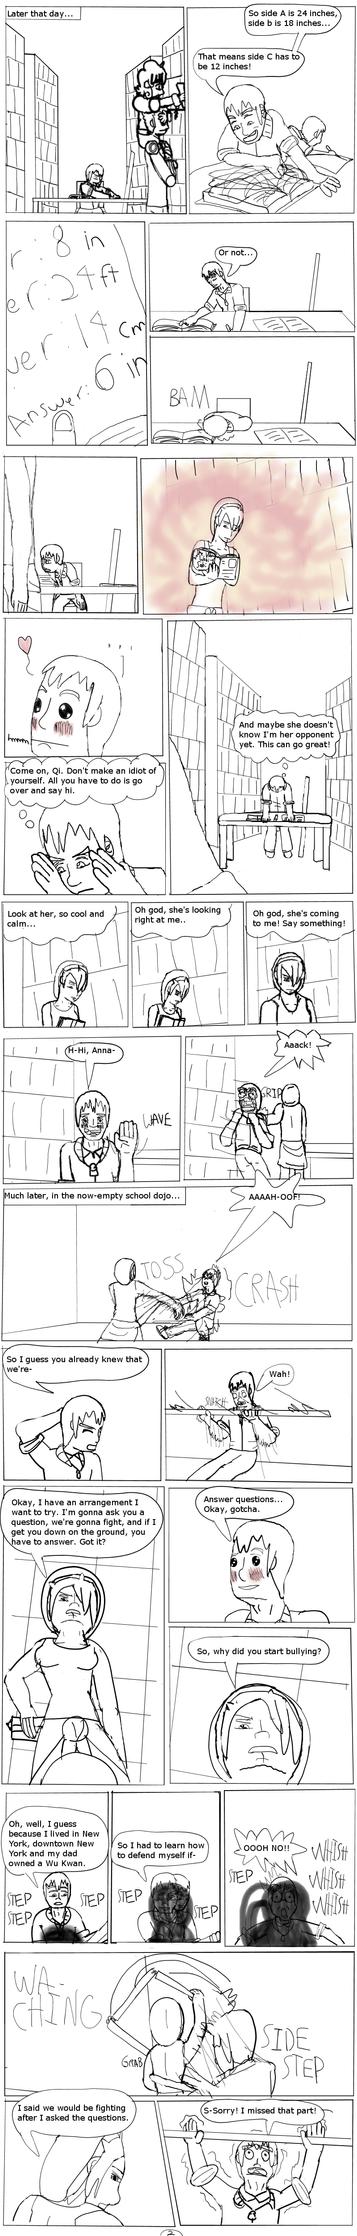 SOHK OCT Round 1 Page 2 by DuskNinjaKenji